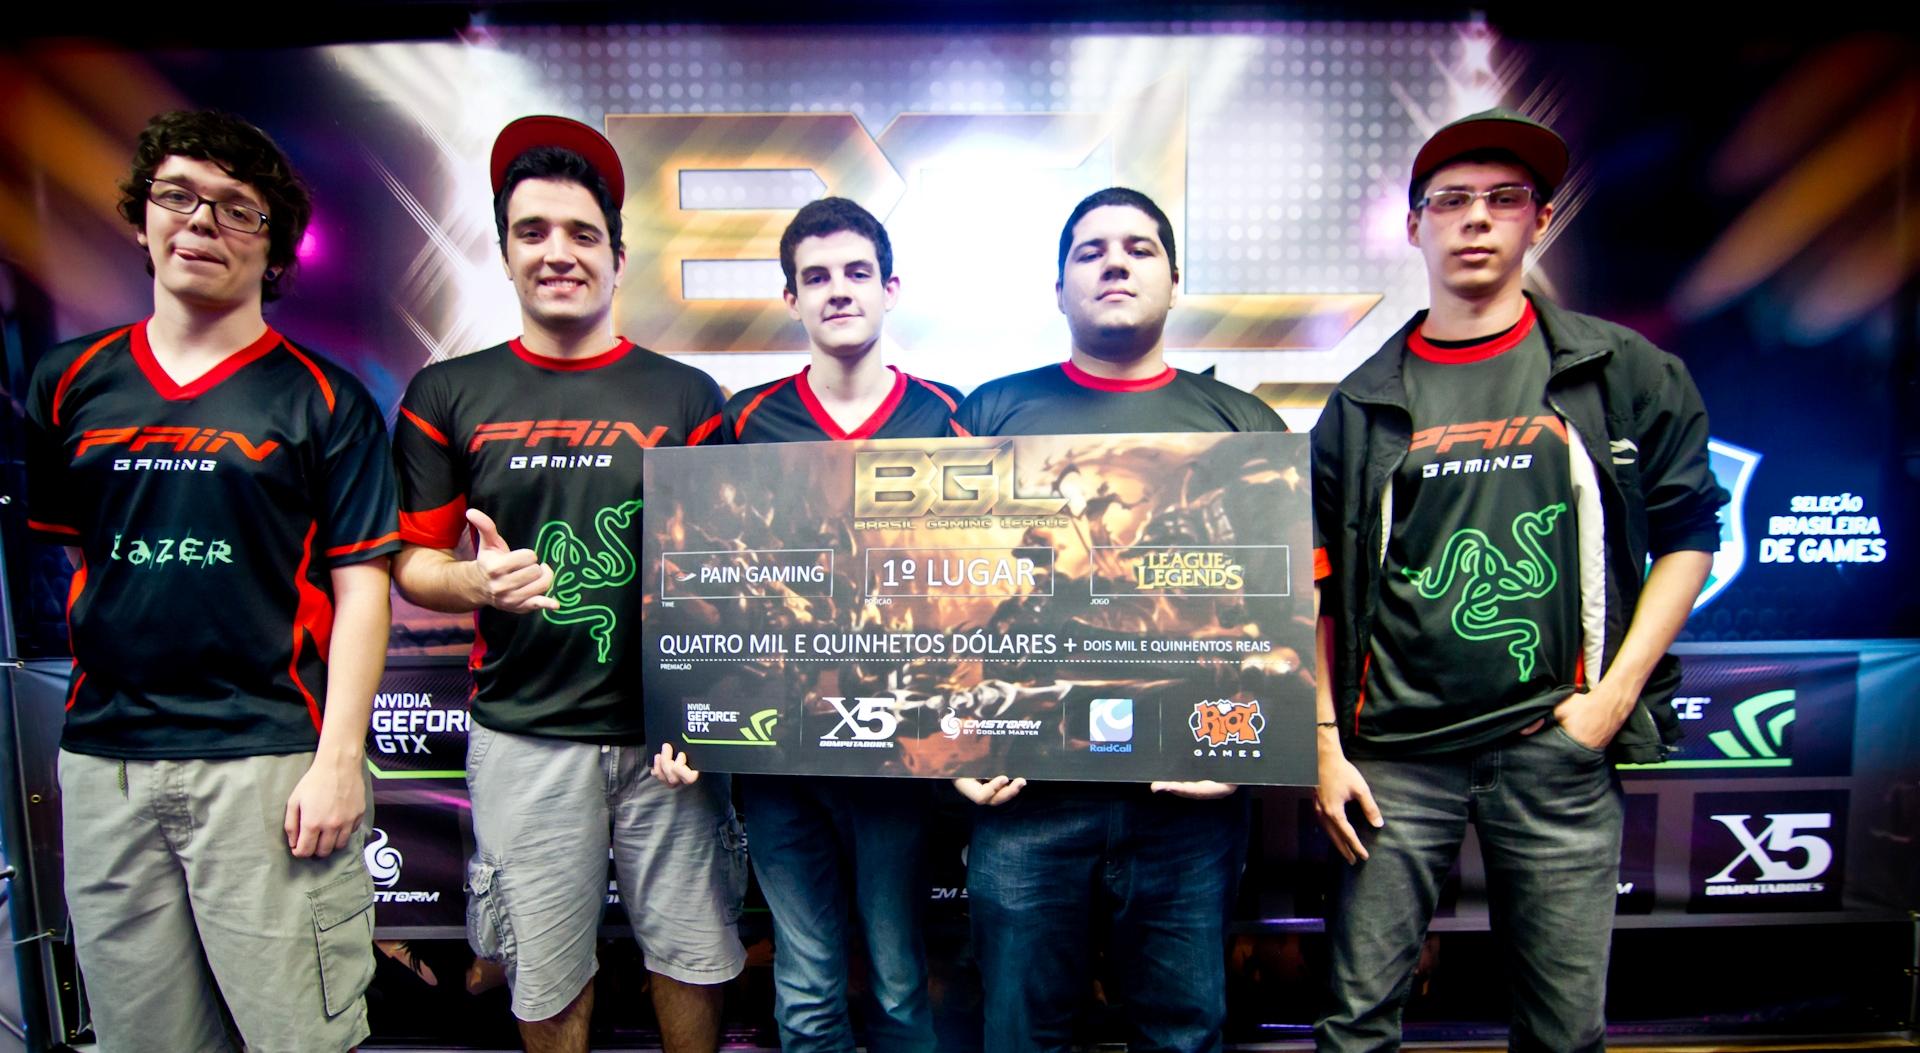 640 mil pessoas acompanharam a vitória da paiN Gaming na BGL Arena de League of Legends. Foto: Reprodução/x5computadores